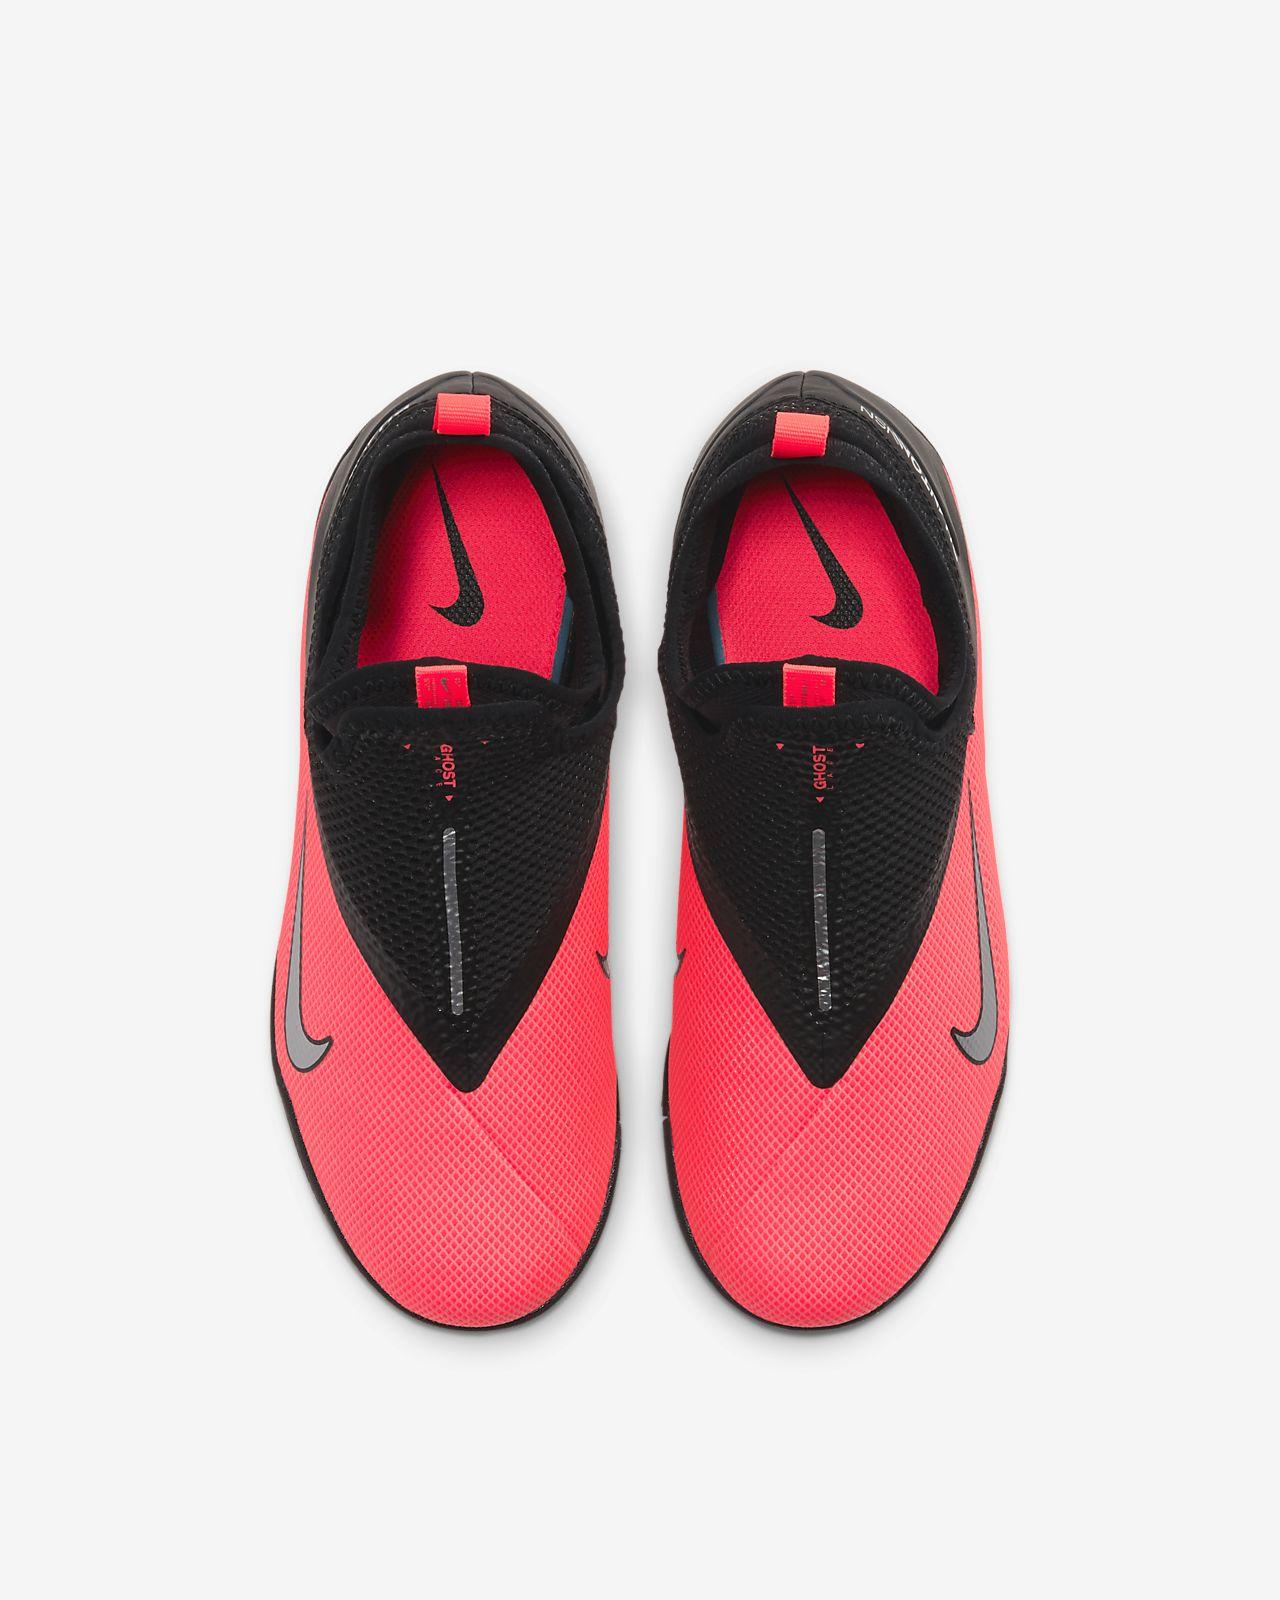 Cheap Nike Phantom Vision 2, Cheapest Nike Phantom Vision 2 FG Boots